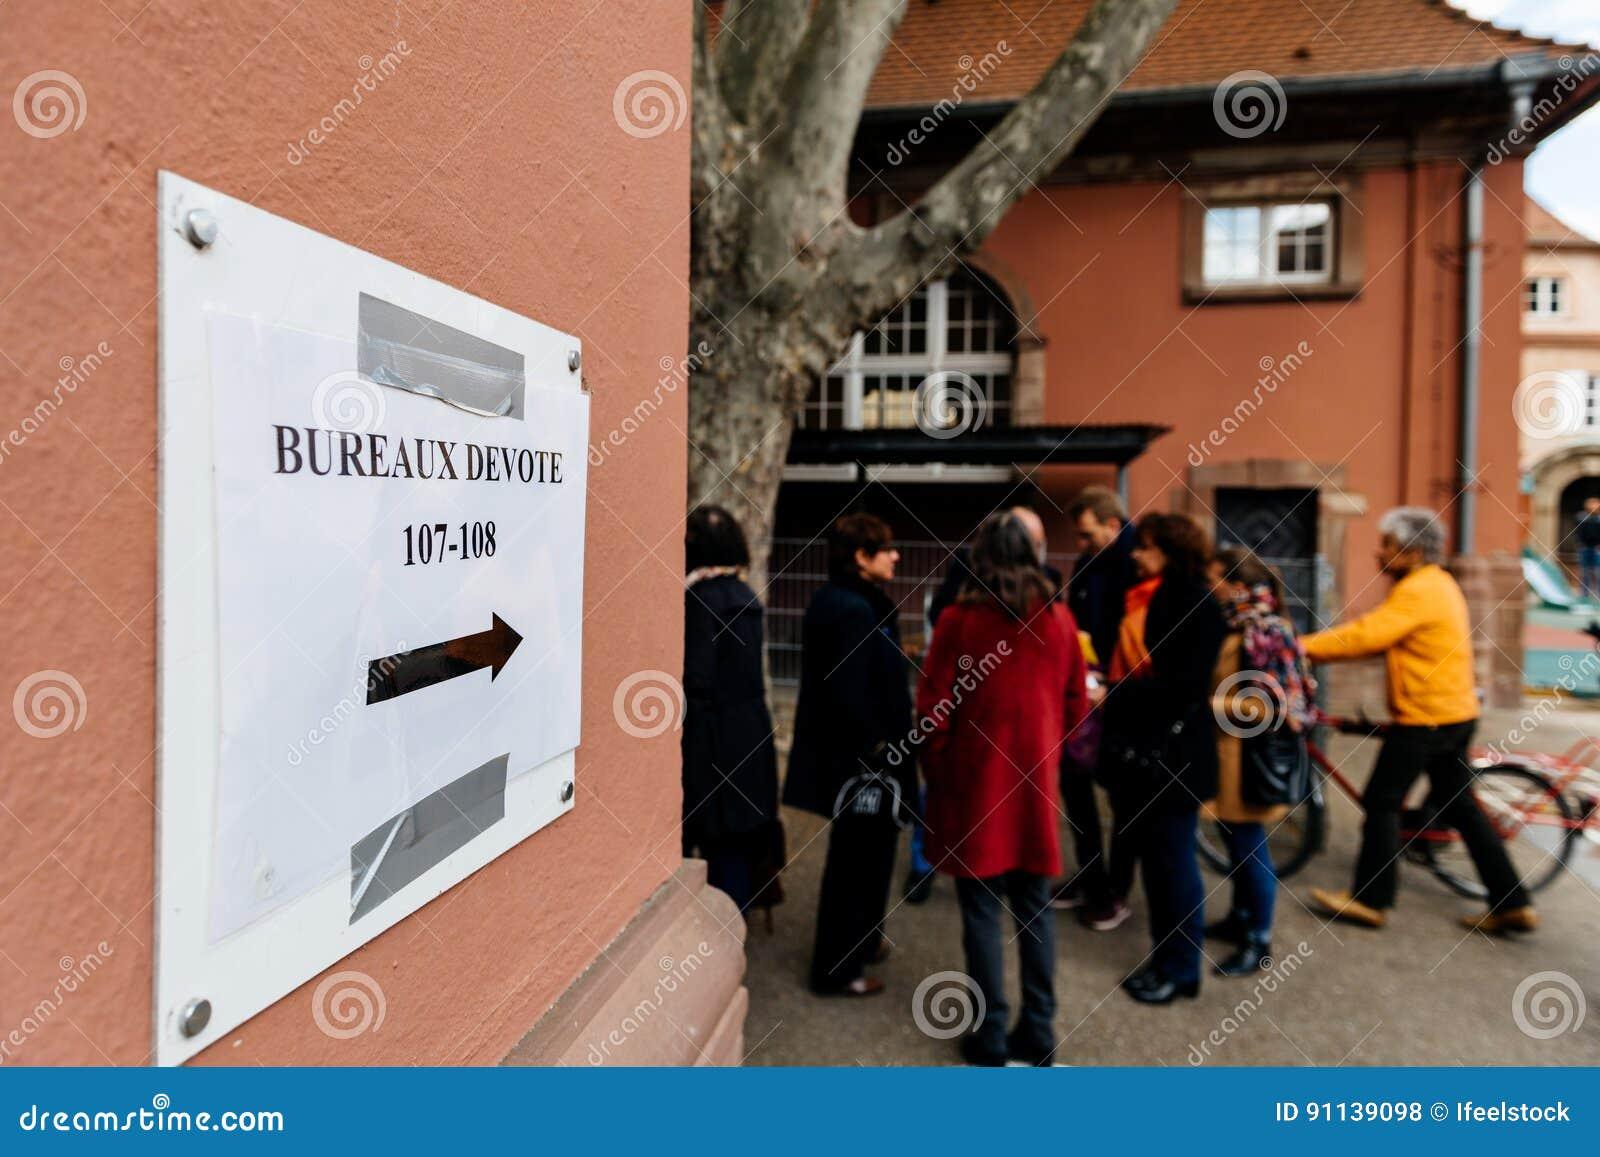 Bureaux de vote voting section france queu editorial stock photo